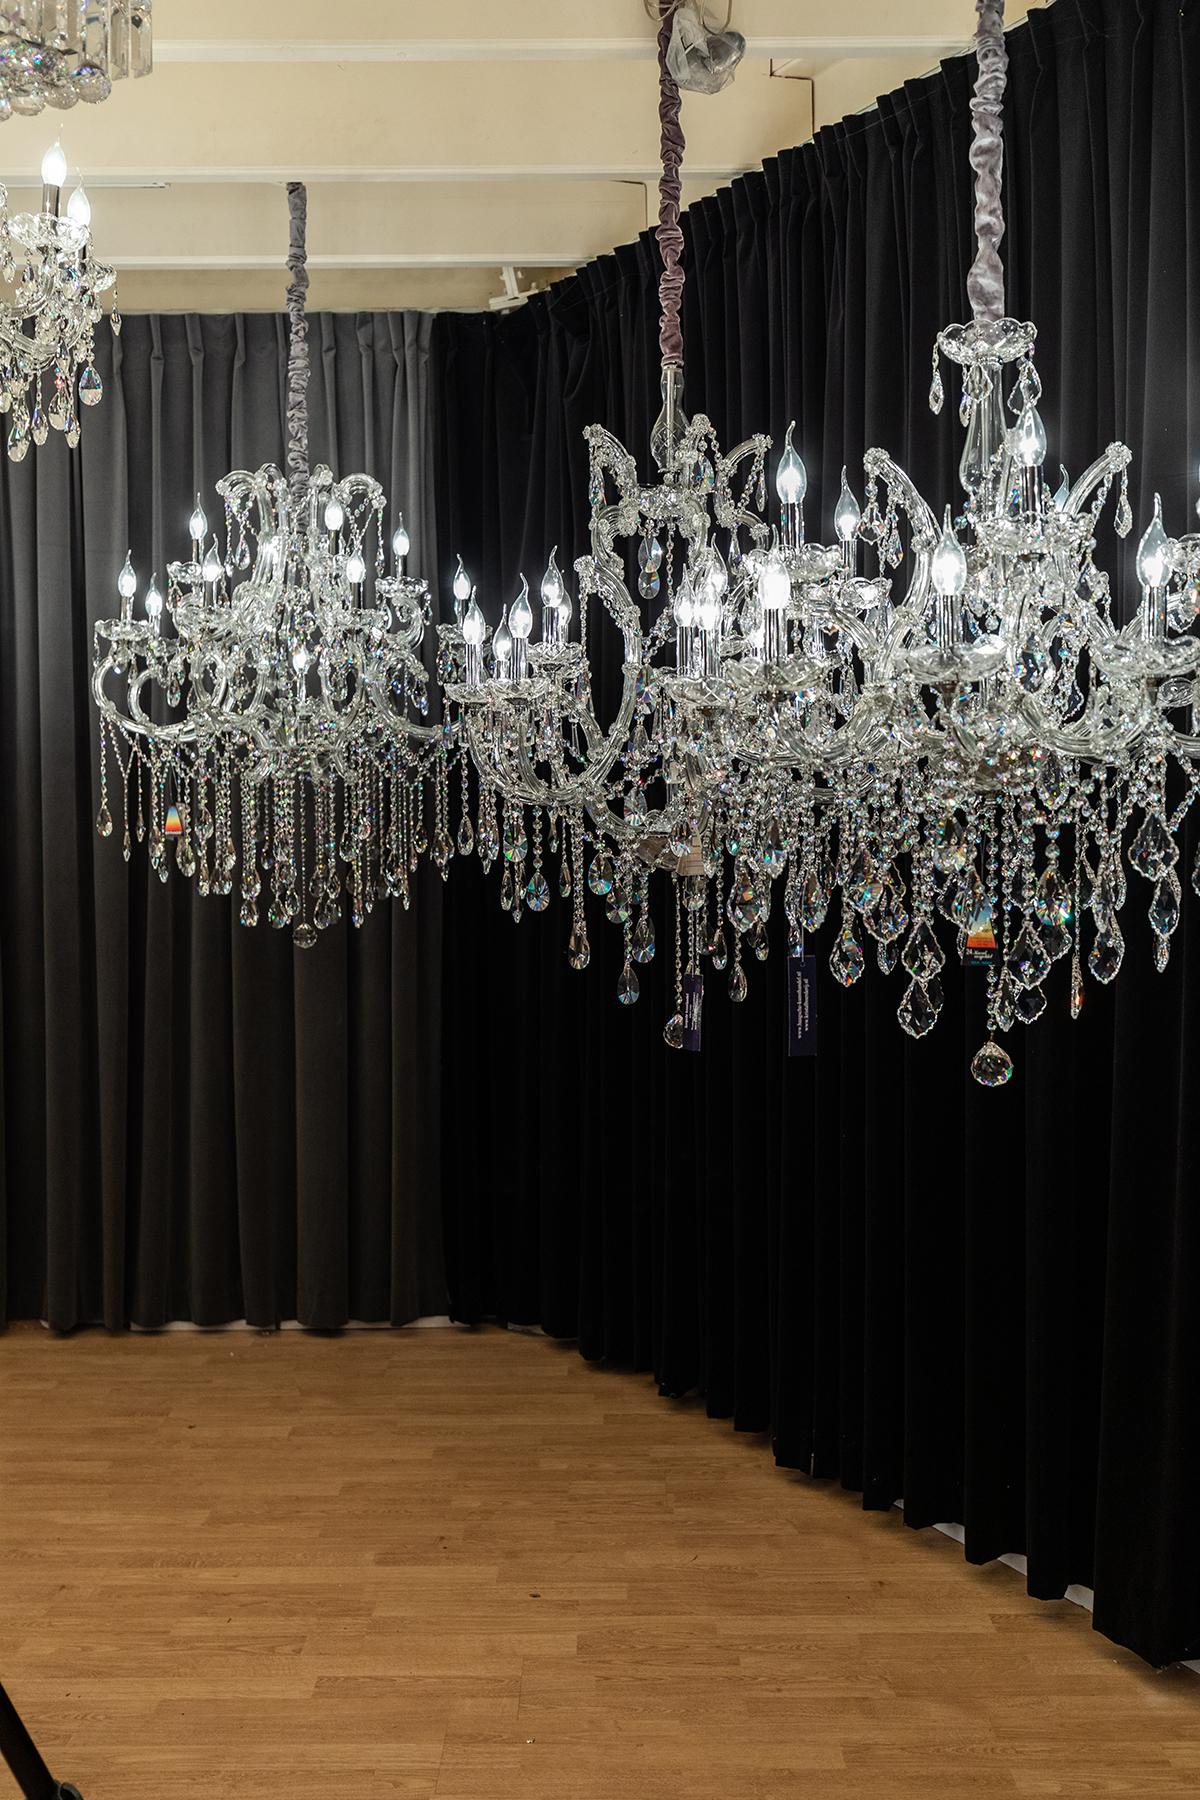 kroonluchter, Haagsche kunsthandel, swarovski, kristallen, showroom, exclusief, eycatcher